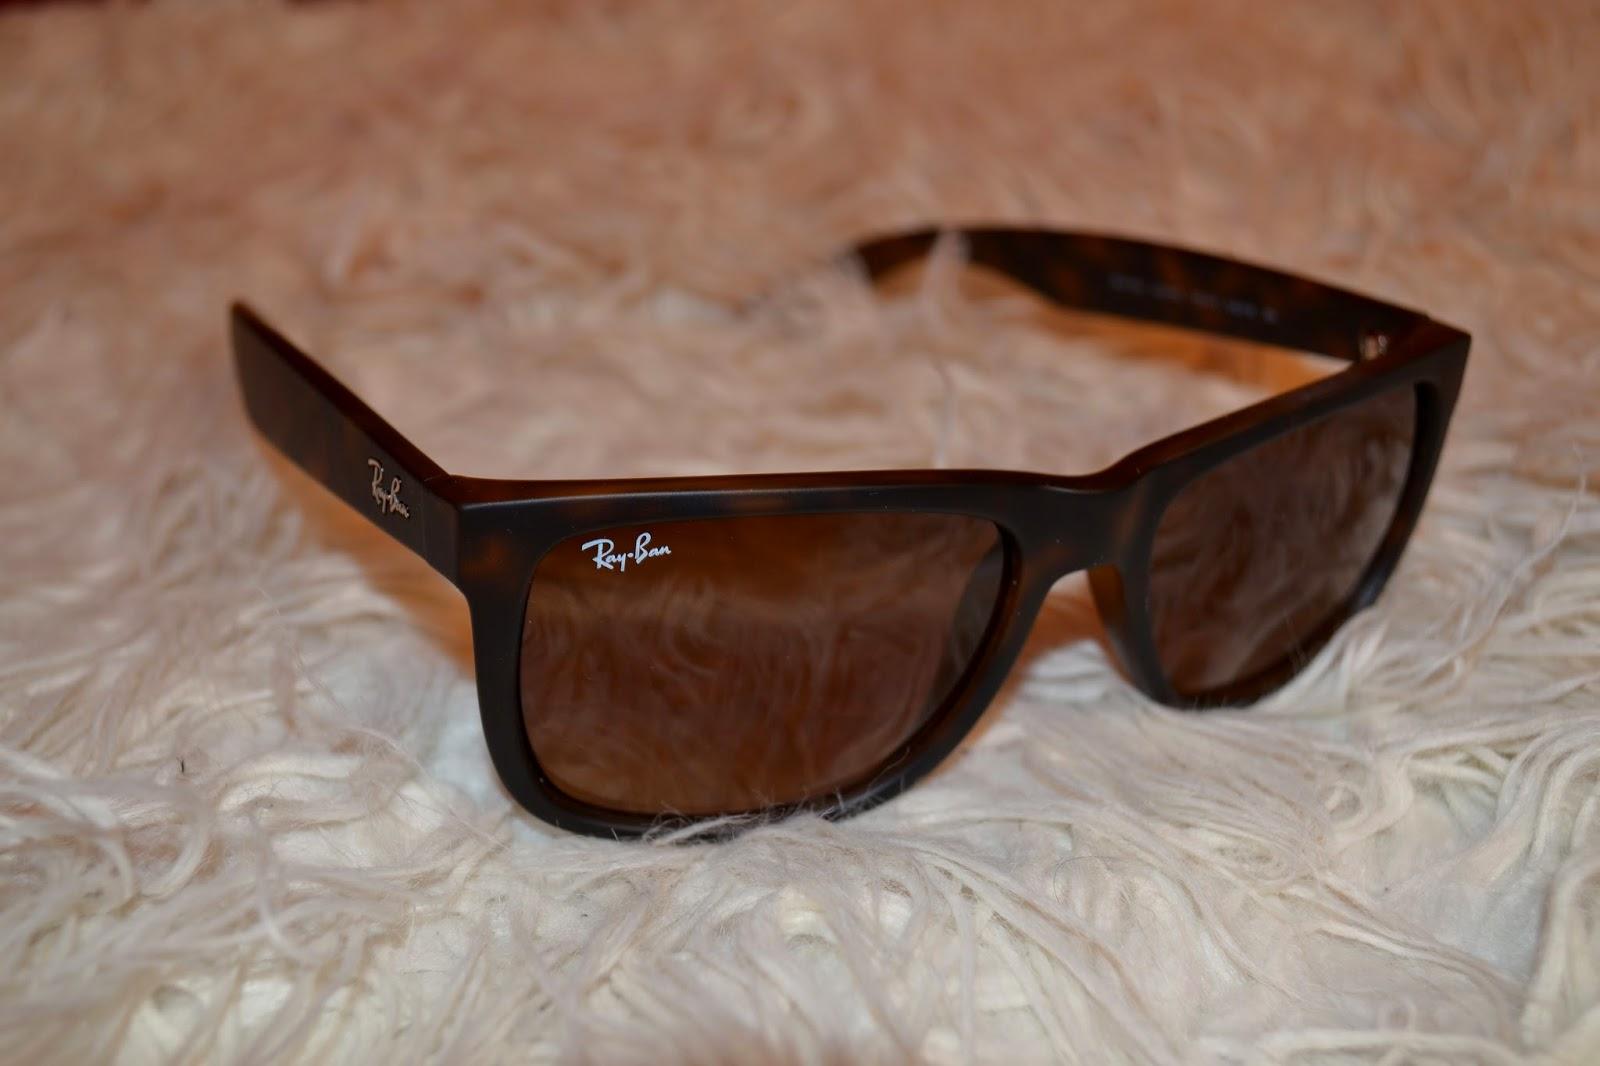 Ray-Ban Justin, okulary Ray-Ban, okulary ray-ban,Ray-Ban wayfarer, przeciw sloneczne okulary modne